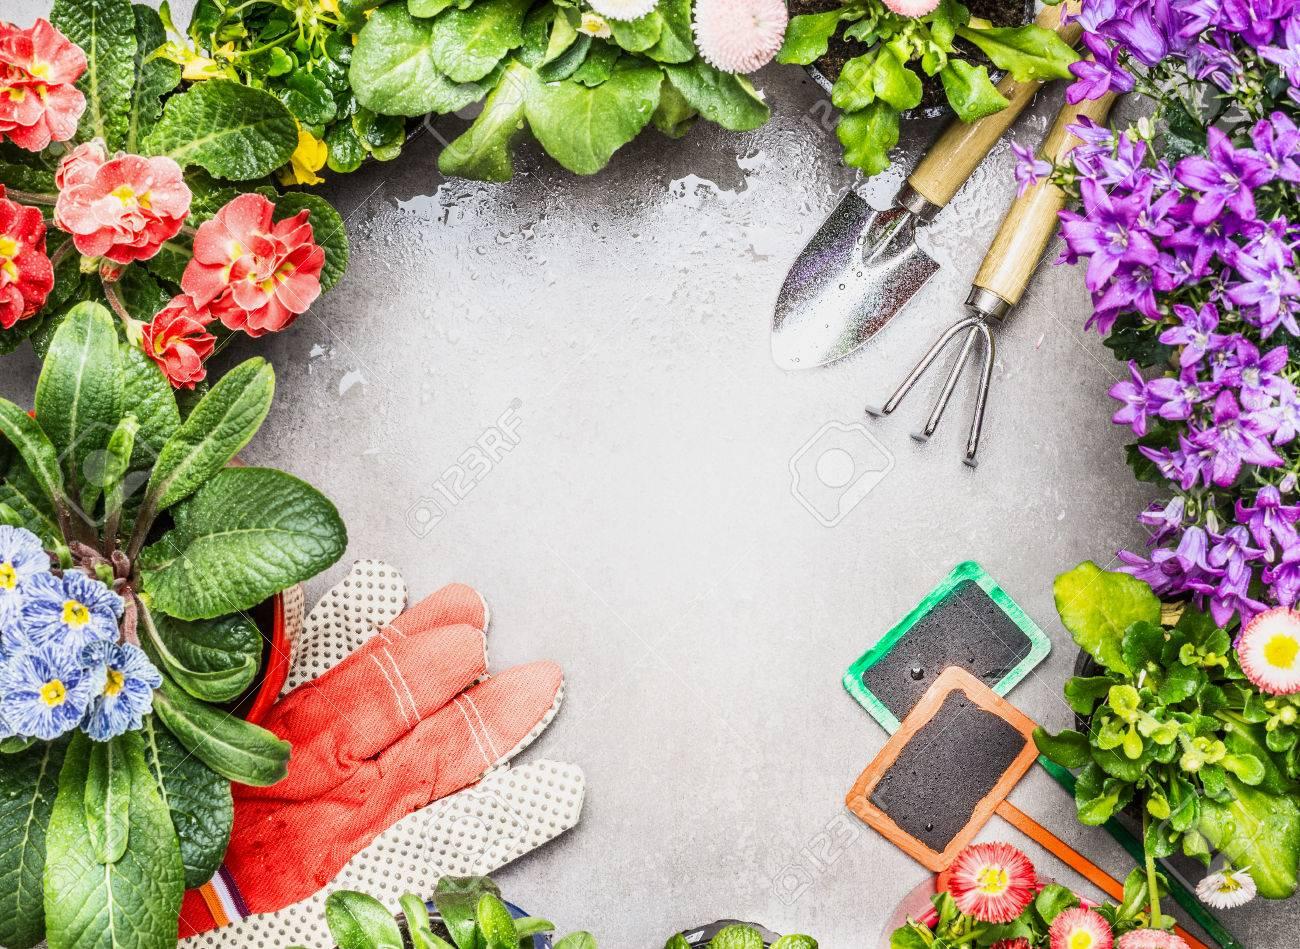 Cadre De Jardinage Avec Outils De Jardin, Fleurs De Jardin Frais Et ...